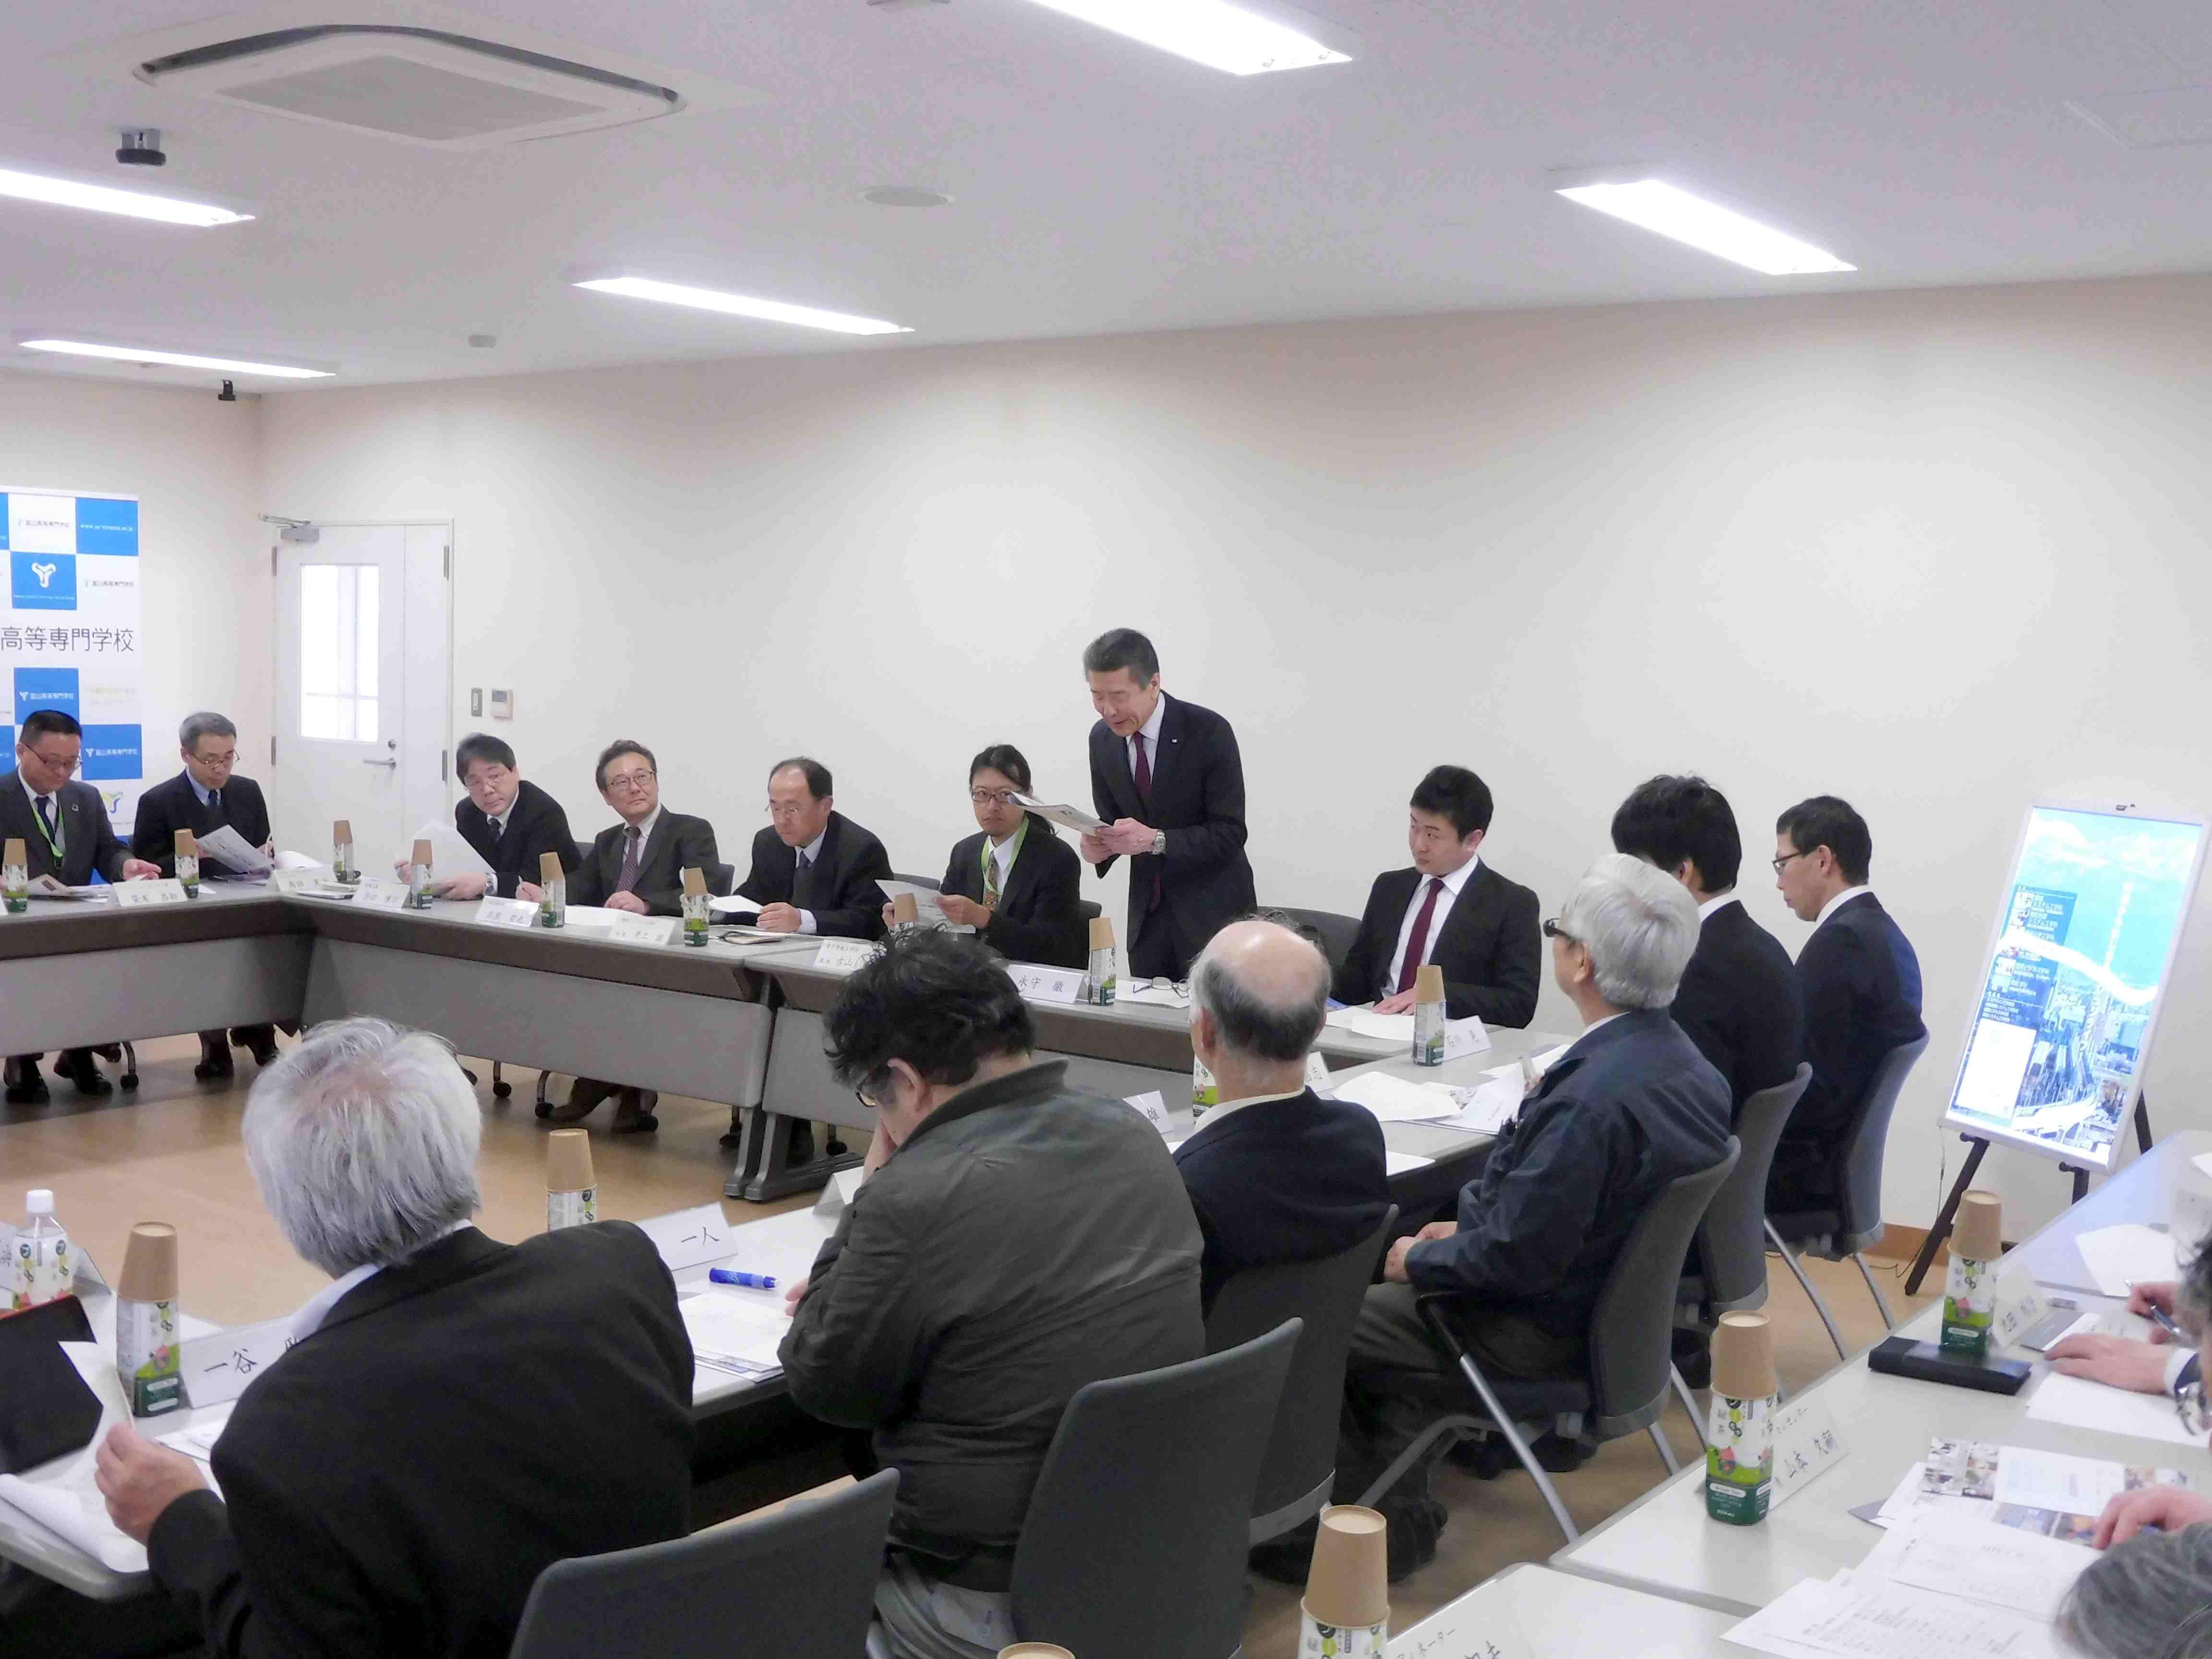 富山高専シニアフェローとの懇談会を実施しました。